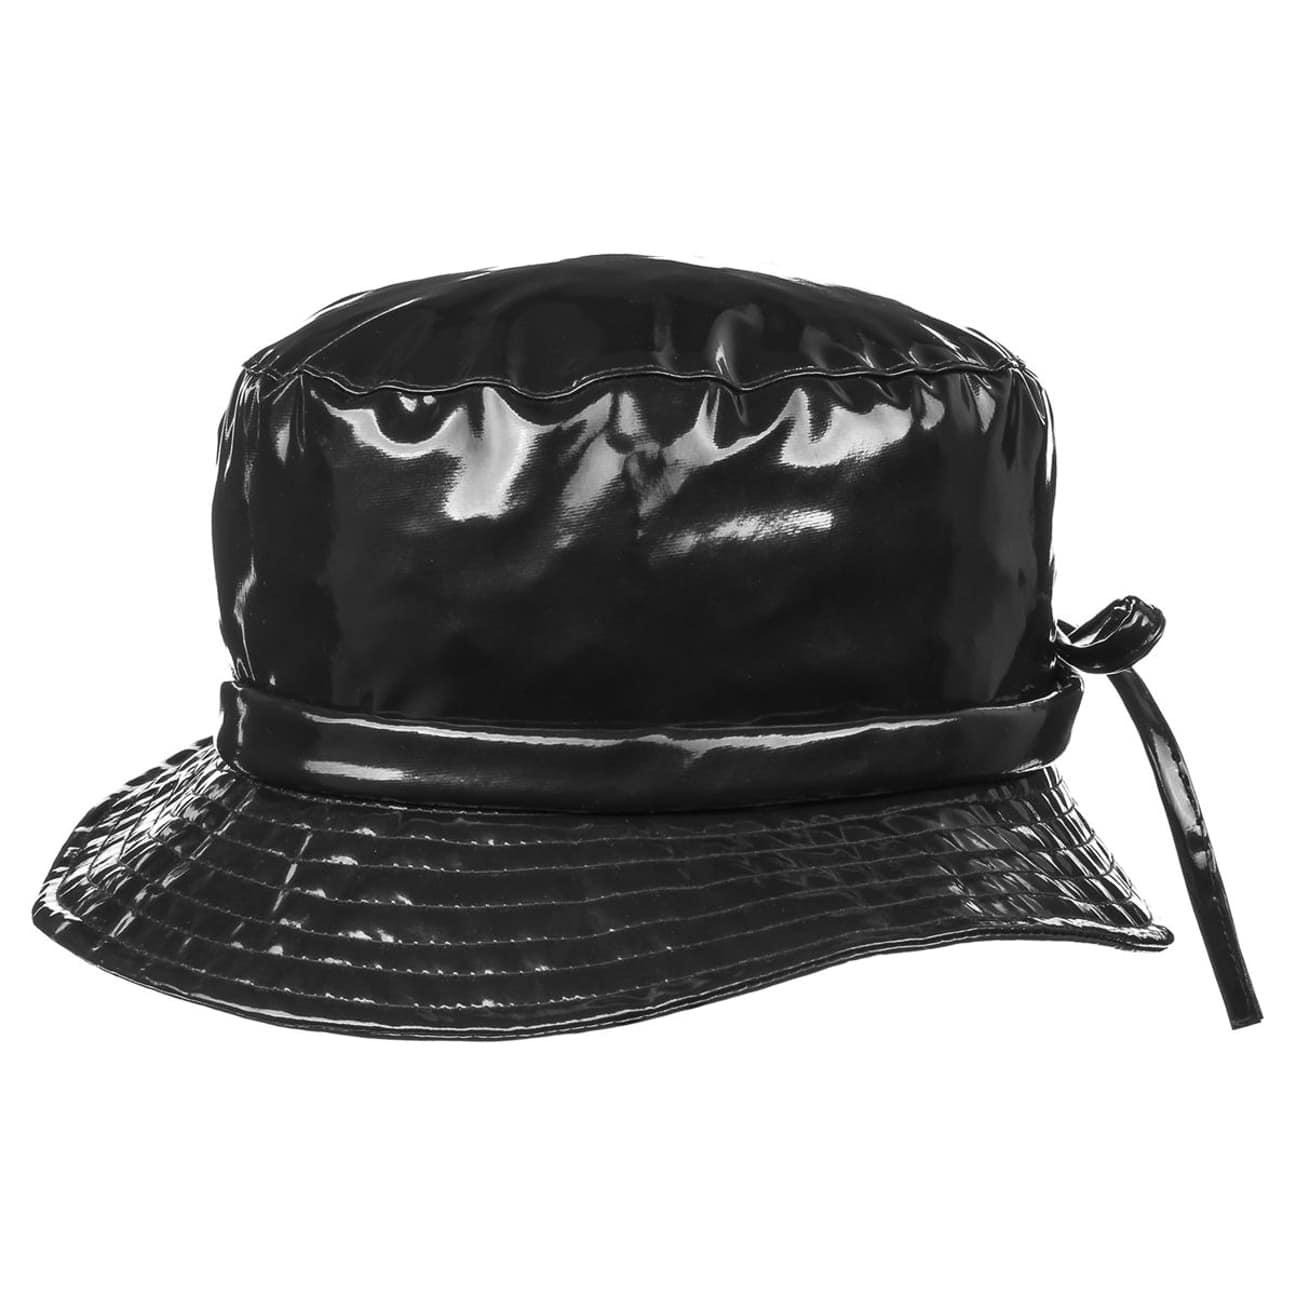 Chapeau Verni de Pluie by McBURN  chapeau laqué